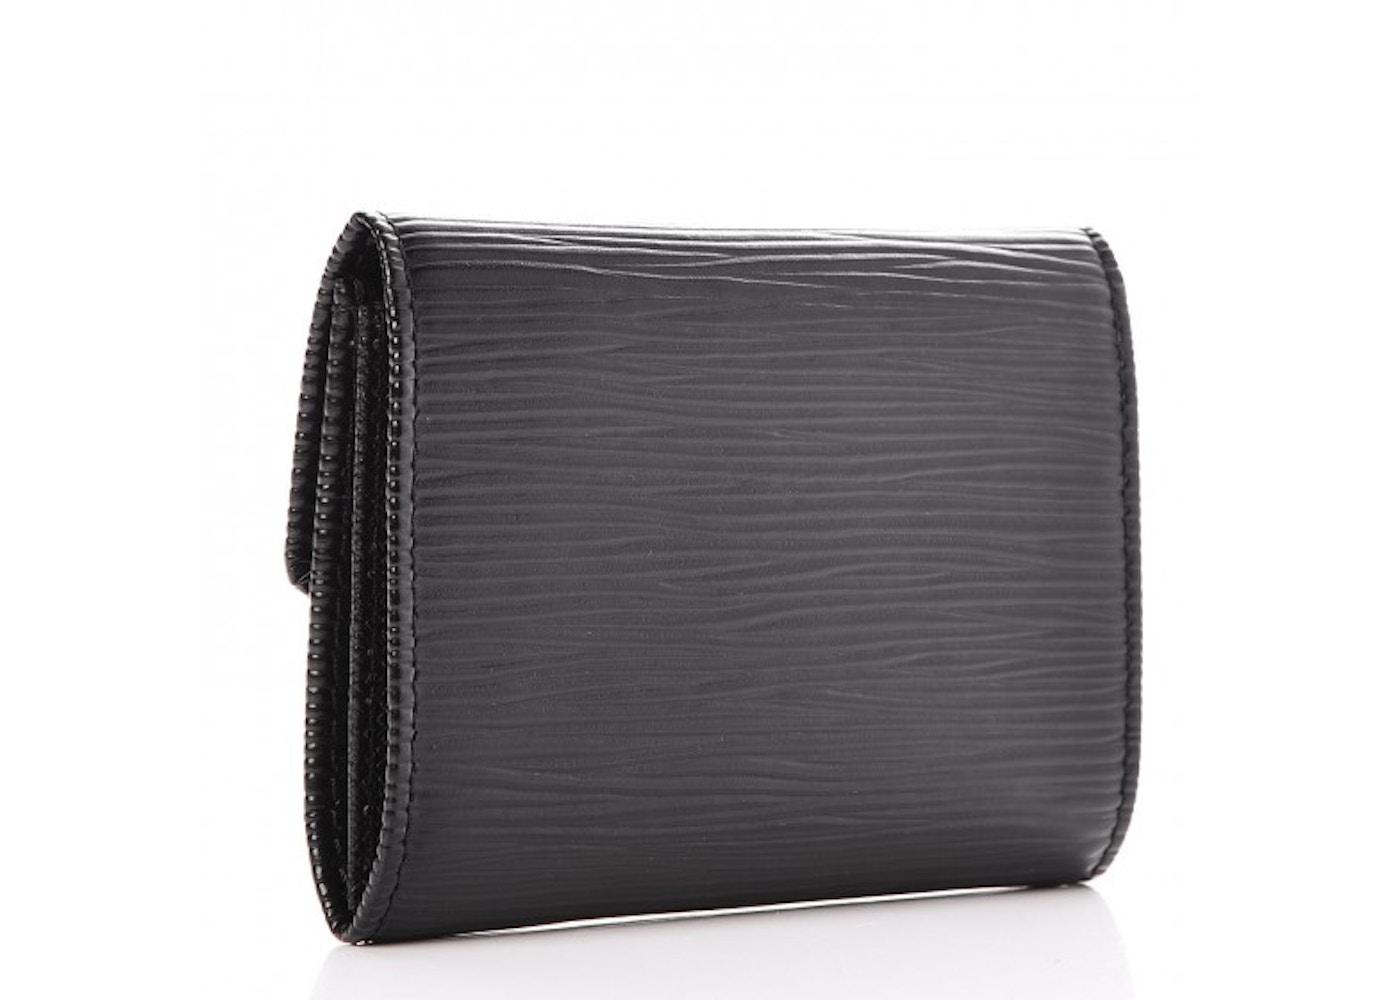 Louis vuitton business card holder epi noir black colourmoves